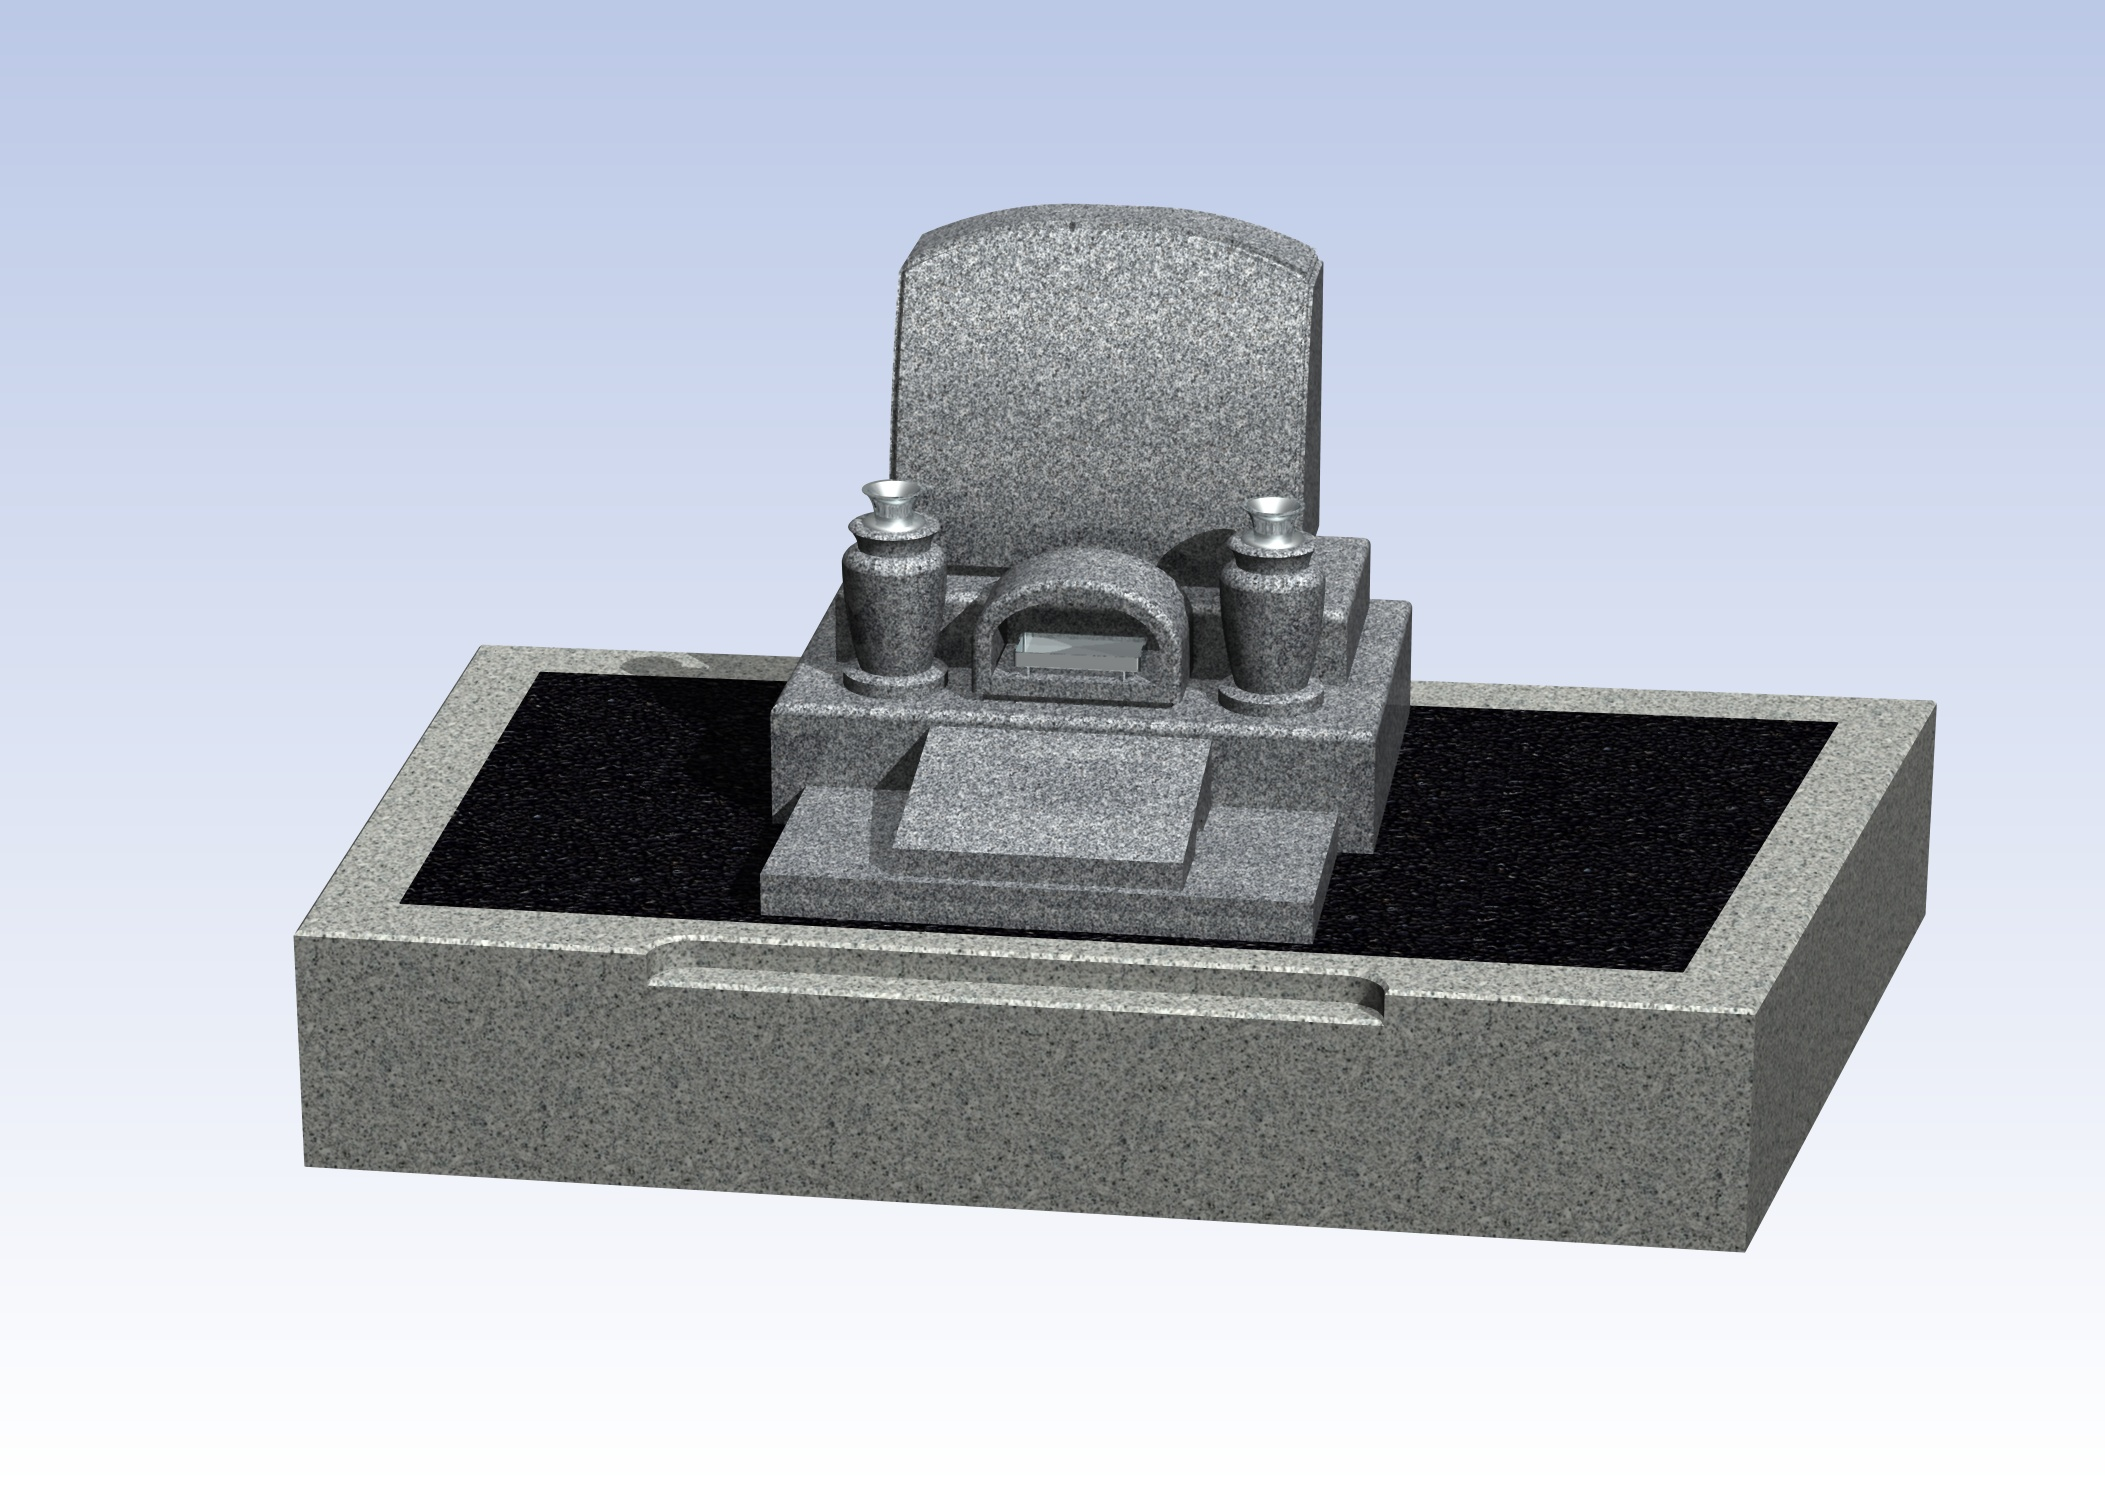 施工例洋型デザイン3-2 西宮市 満池谷墓地のBefore画像